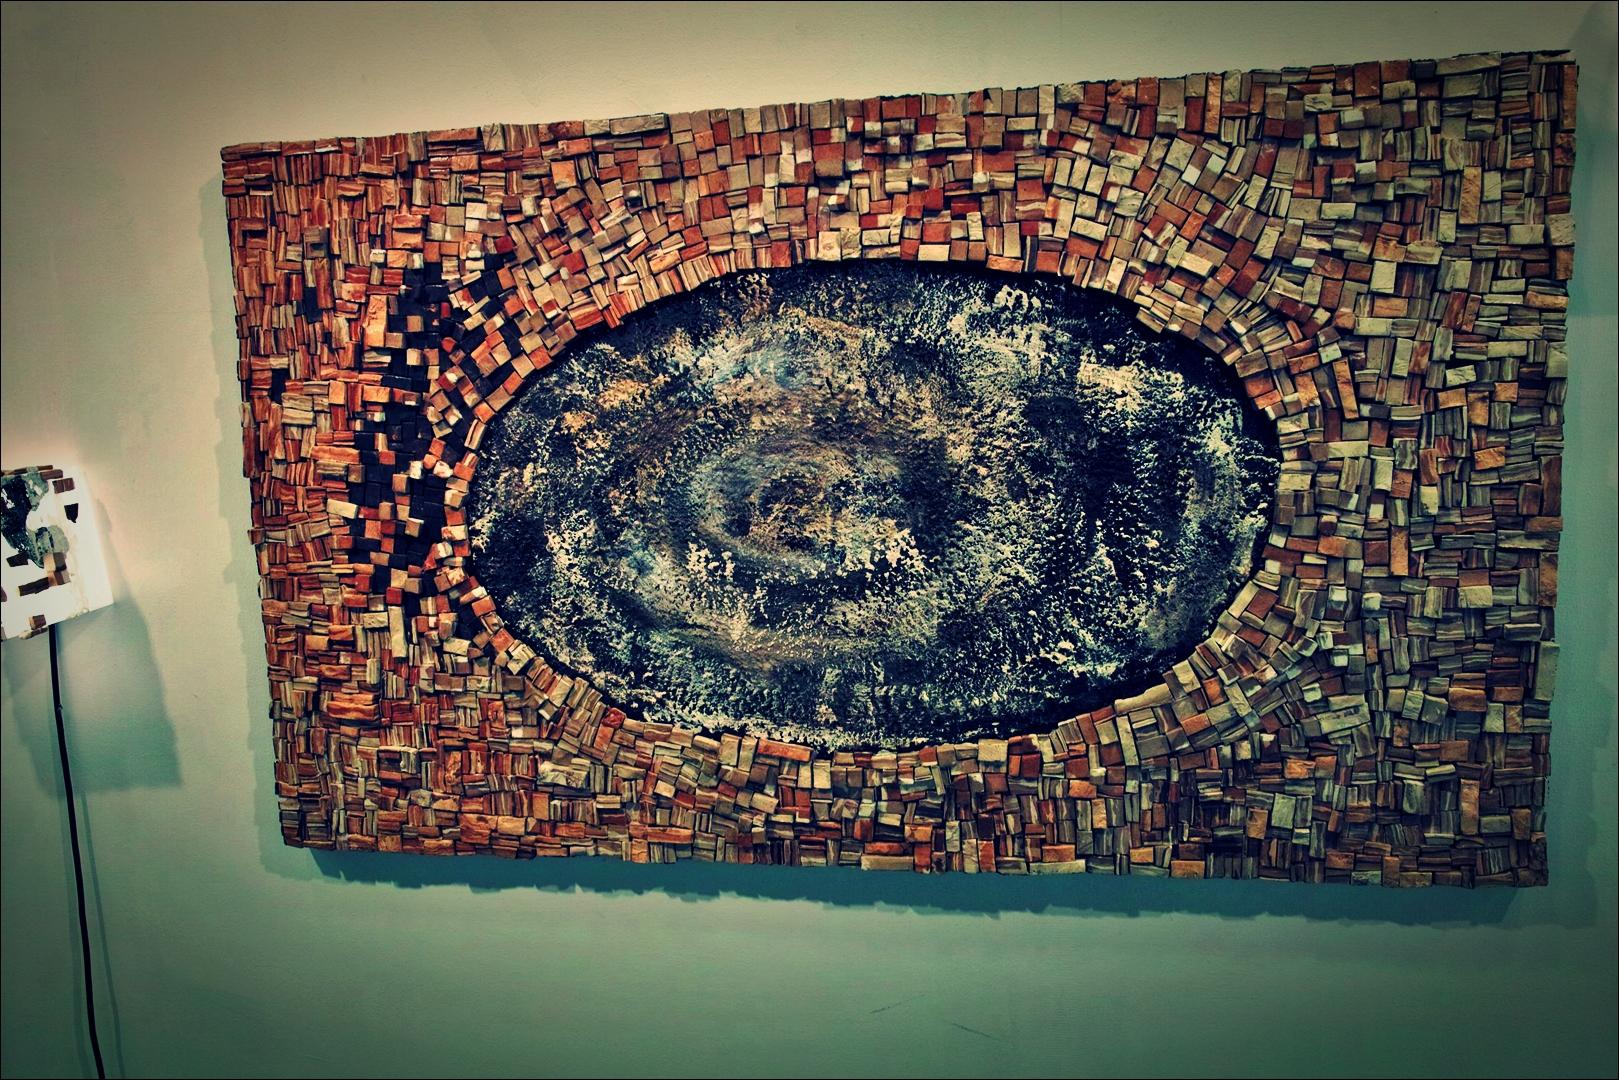 흙-'흙과 나무 展 Earth and Trees exhibition'